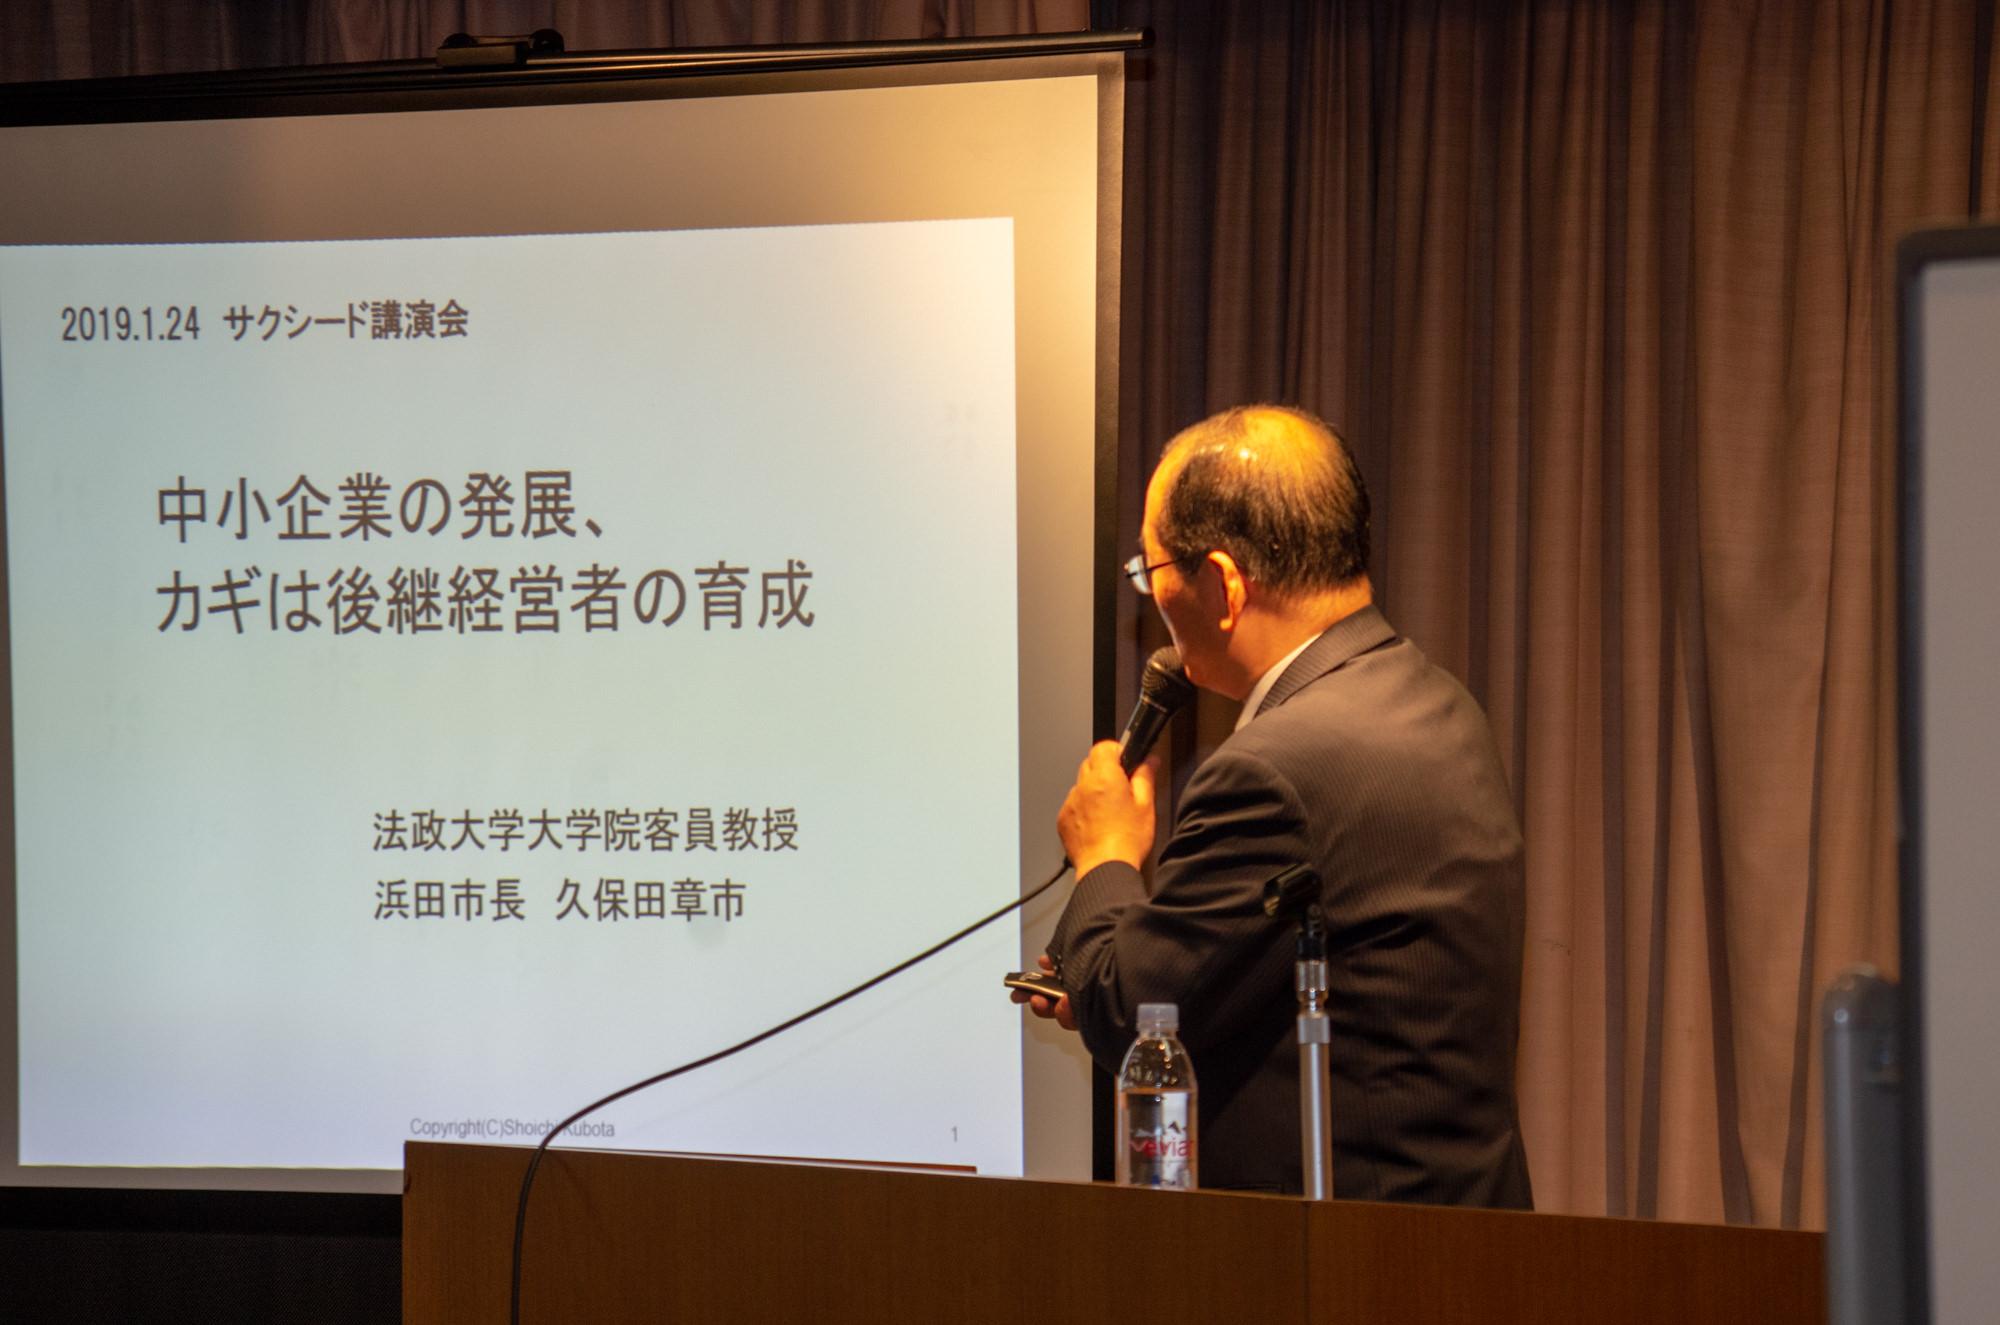 事業承継講演会 (1)